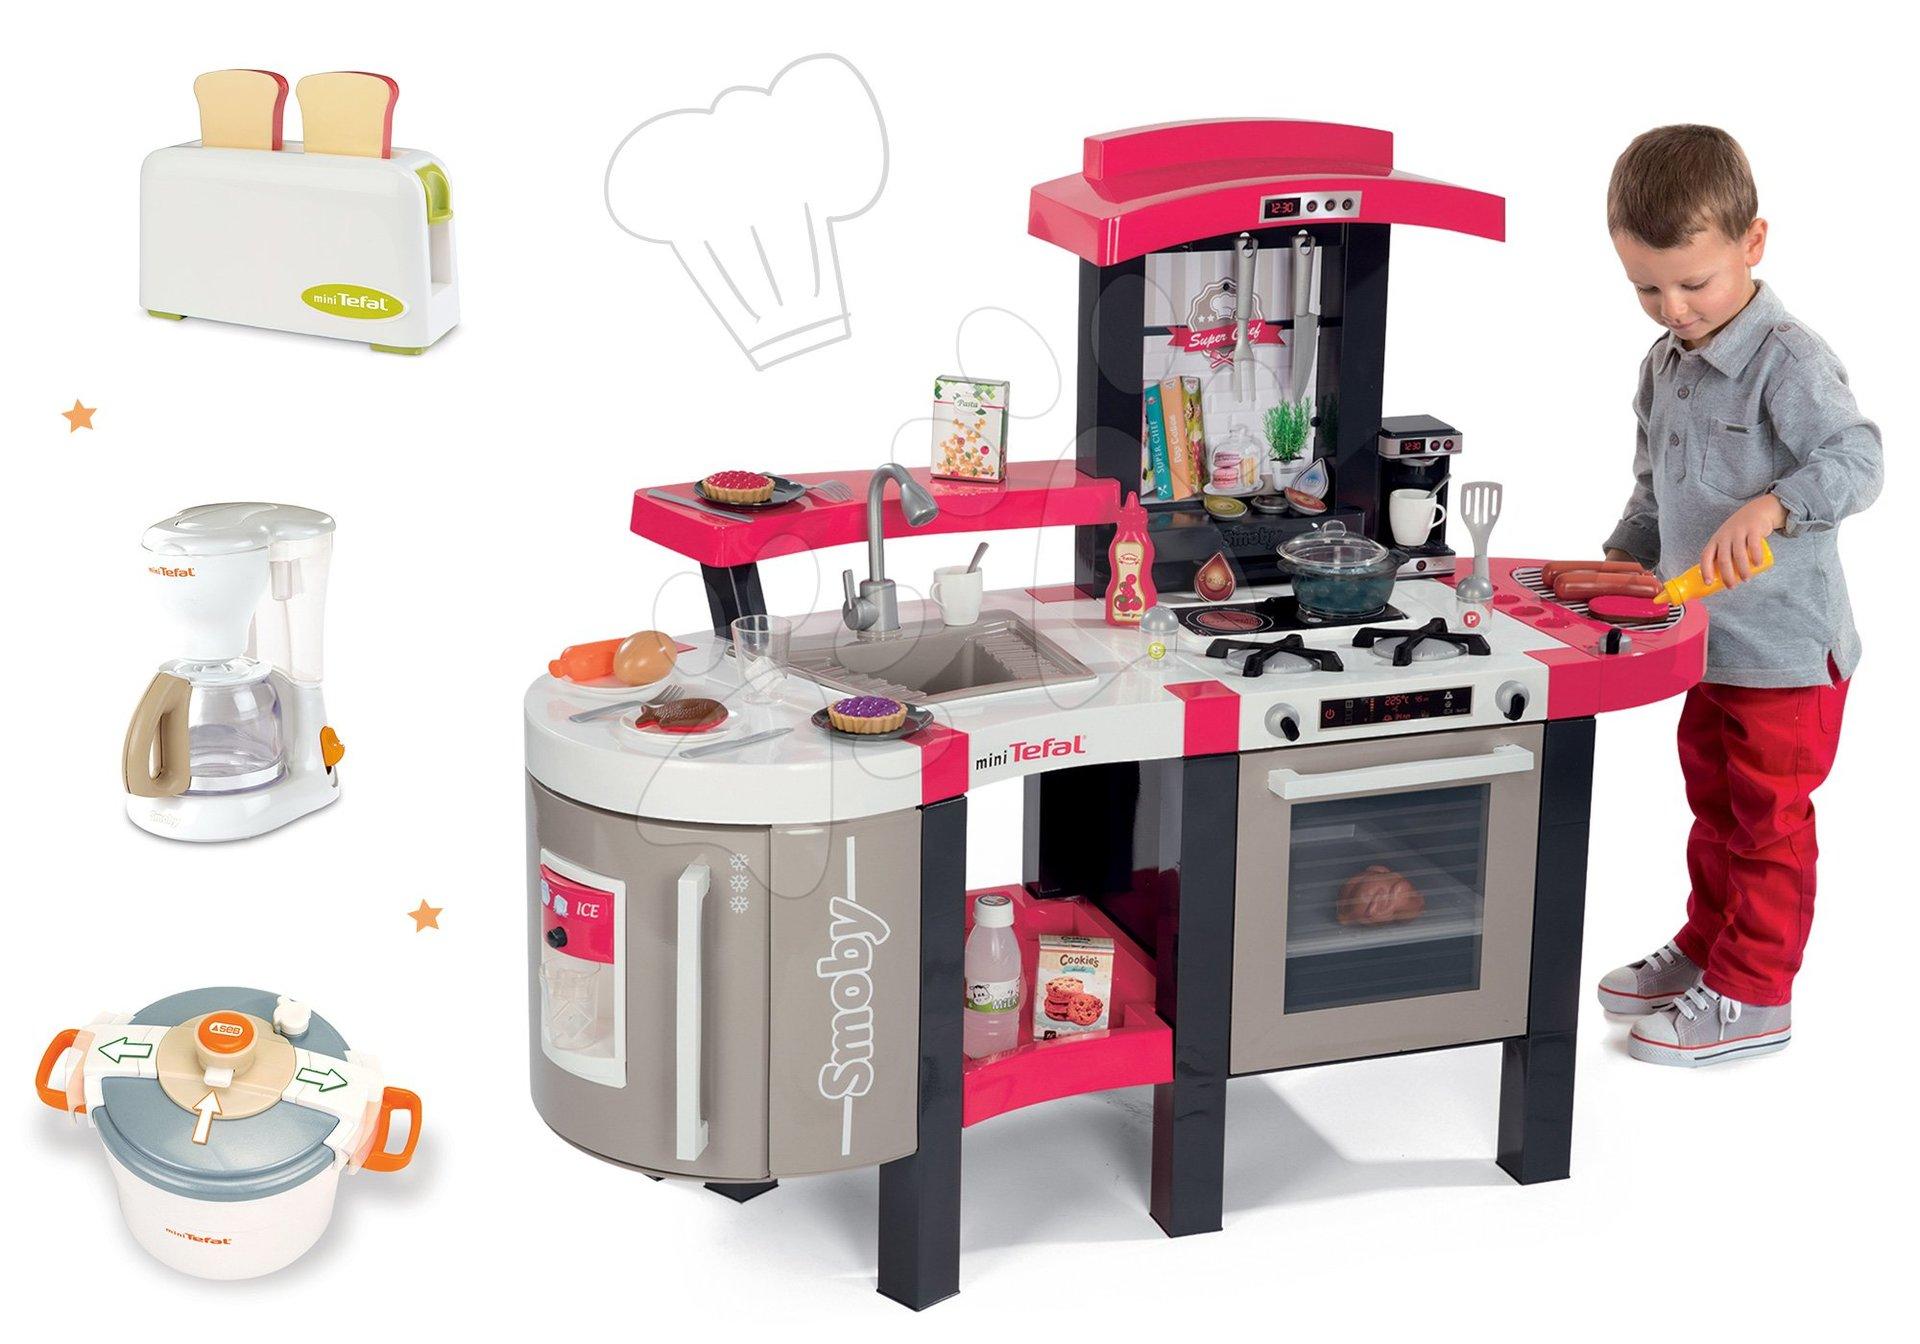 Kuchynky pre deti sety - Set kuchynka Tefal SuperChef Smoby s grilom a kávovarom a 3 kuchynské spotrebiče Tefal